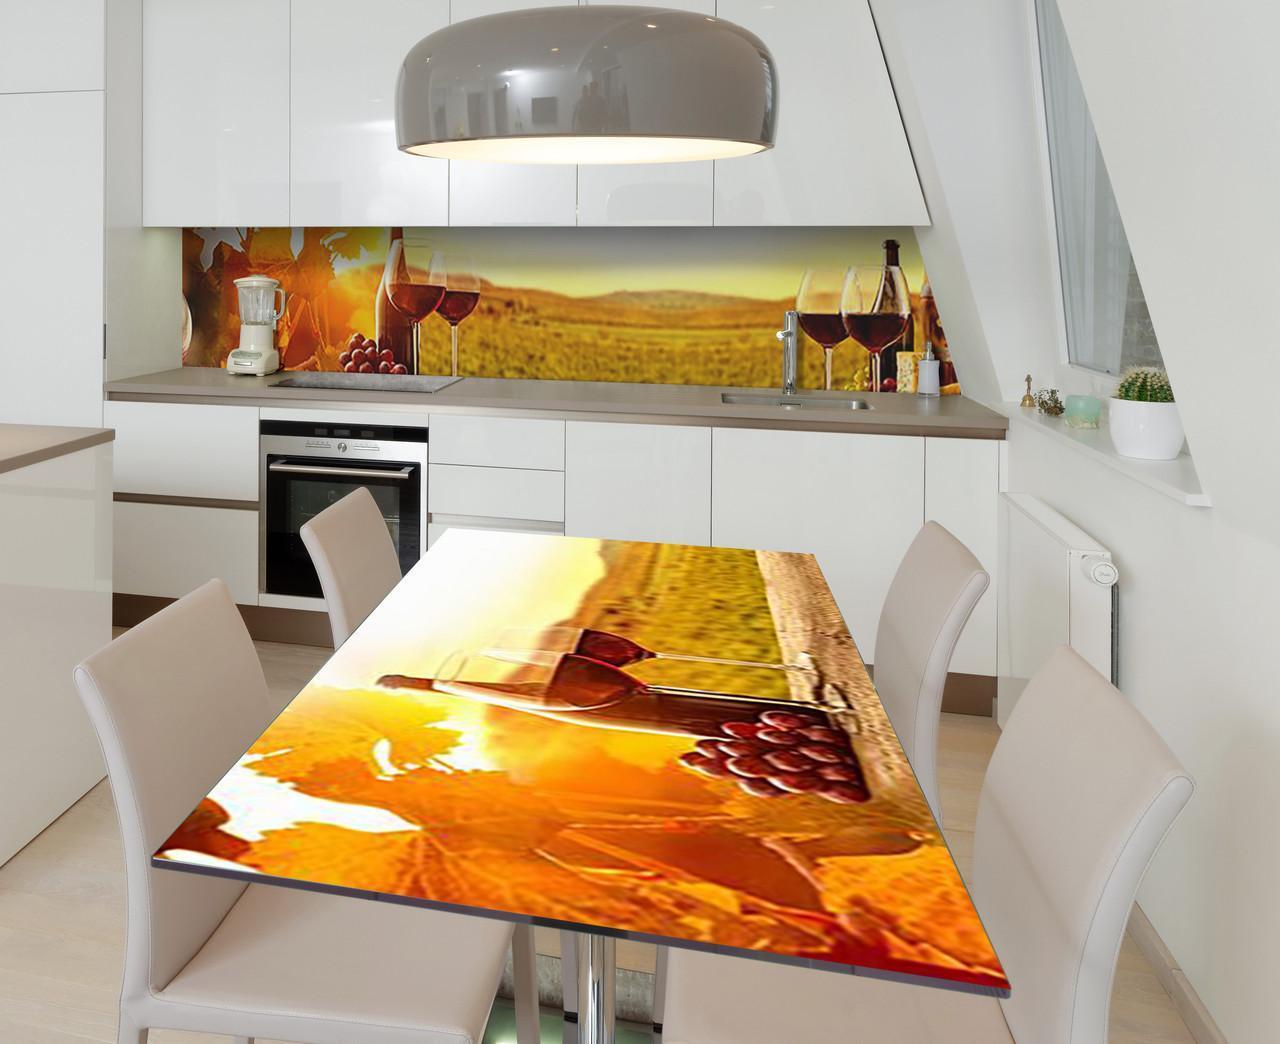 Наклейка 3Д виниловая на стол Zatarga «Сомелье из Бордо» 600х1200 мм для домов, квартир, столов, кофейн, кафе